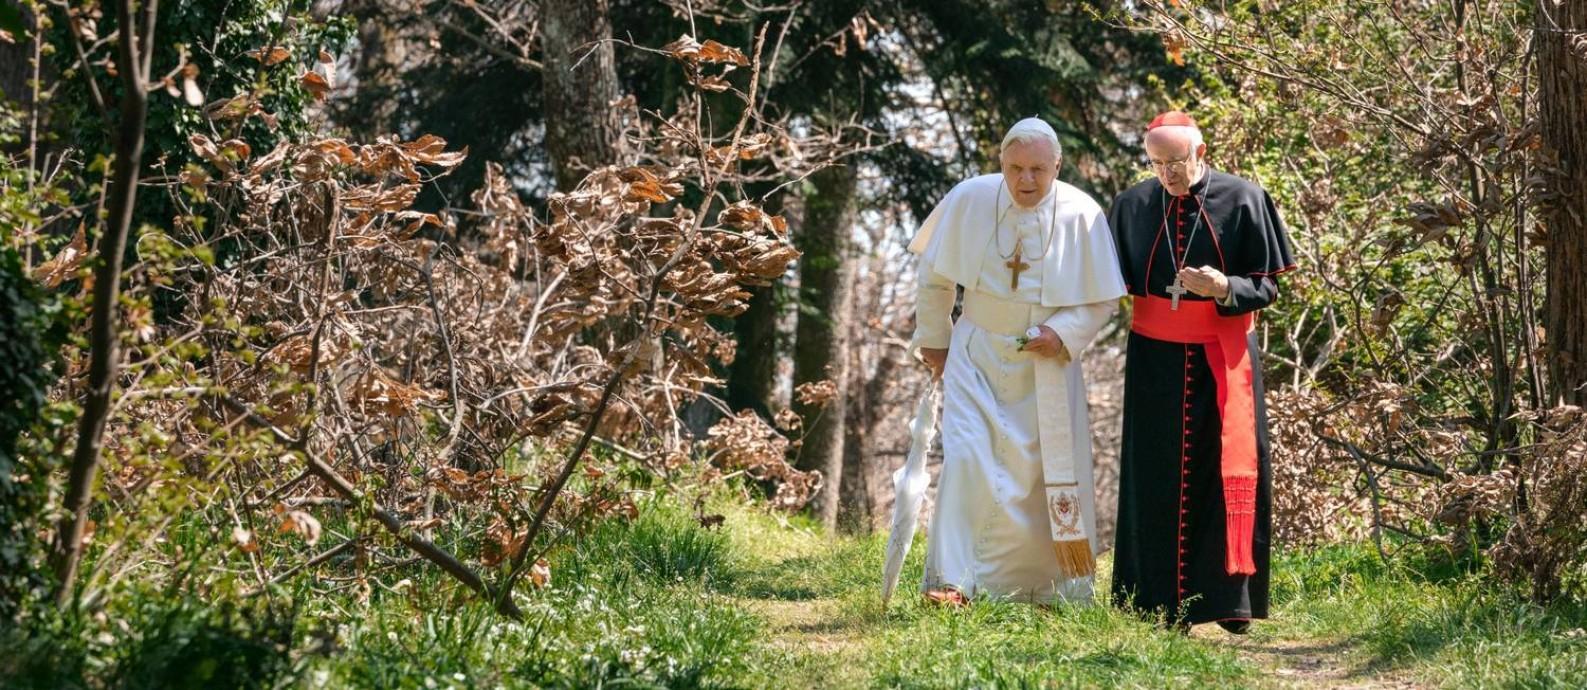 Bento XVI (Anthony Hopkins) e Francisco I (Jorge Bergoglio) em cena de 'Dois papas' Foto: Divulgação/Netflix